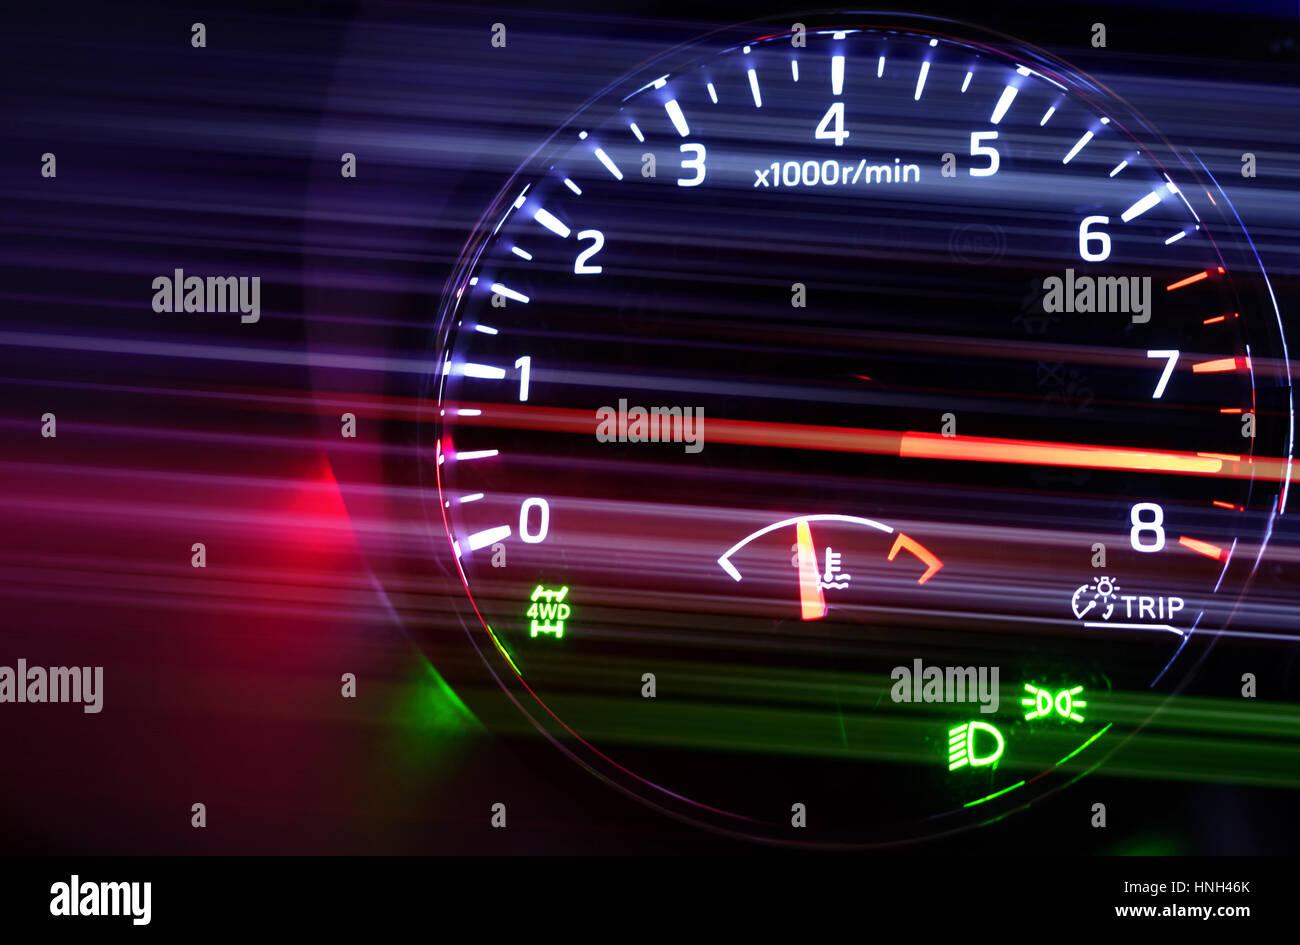 Nahaufnahme Foto des modernen Kfz Drehzahlmesser mit hi-speed auf schwarzem Hintergrund, Motion Blur Filter-Effekt Stockbild